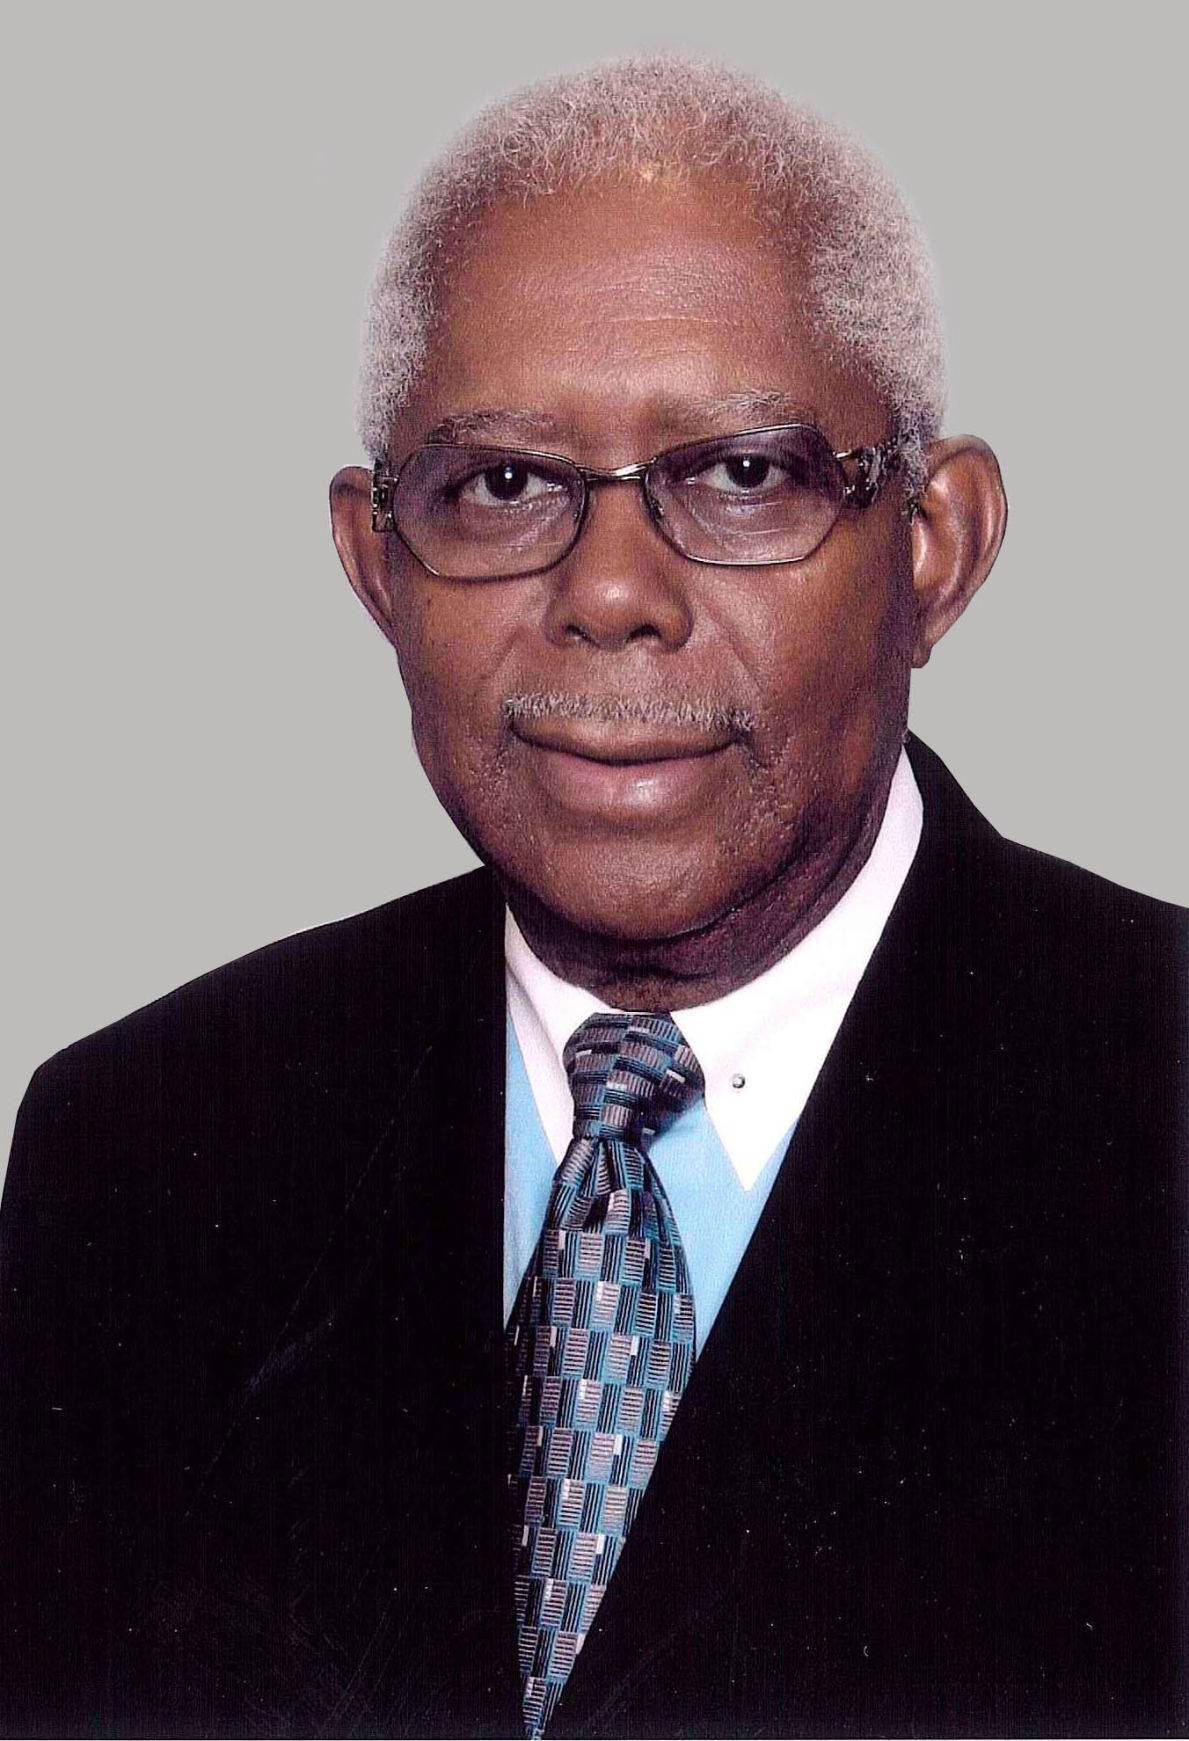 Rev. James S. Allen